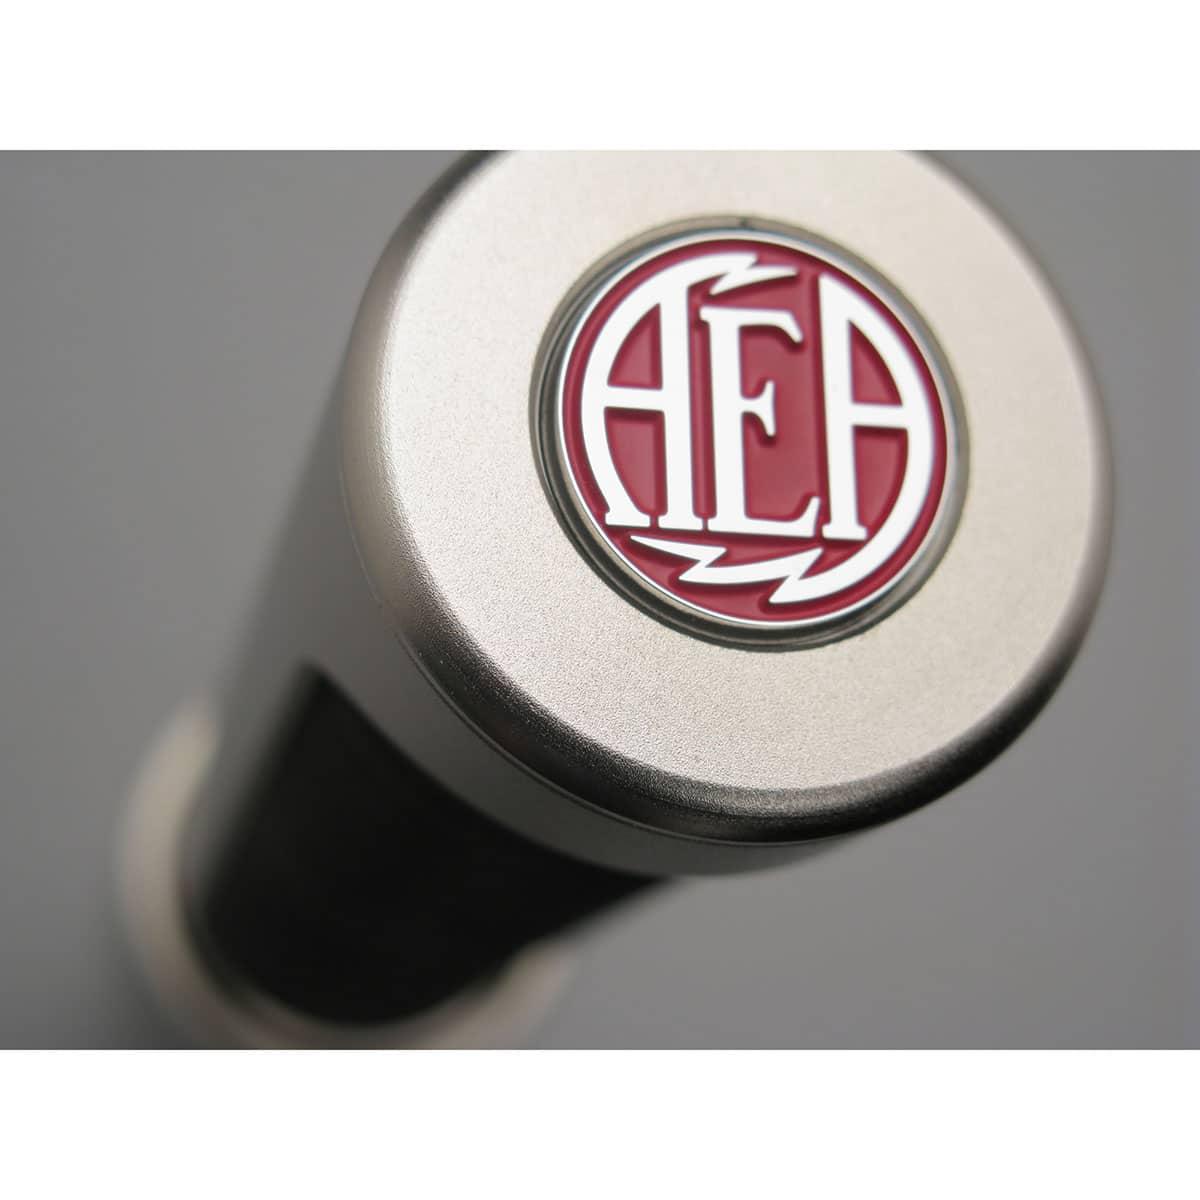 AEA N22 04 Microfoni a nastro, Microfoni professionali, Strumentazioni Pro Audio per studi di registrazione